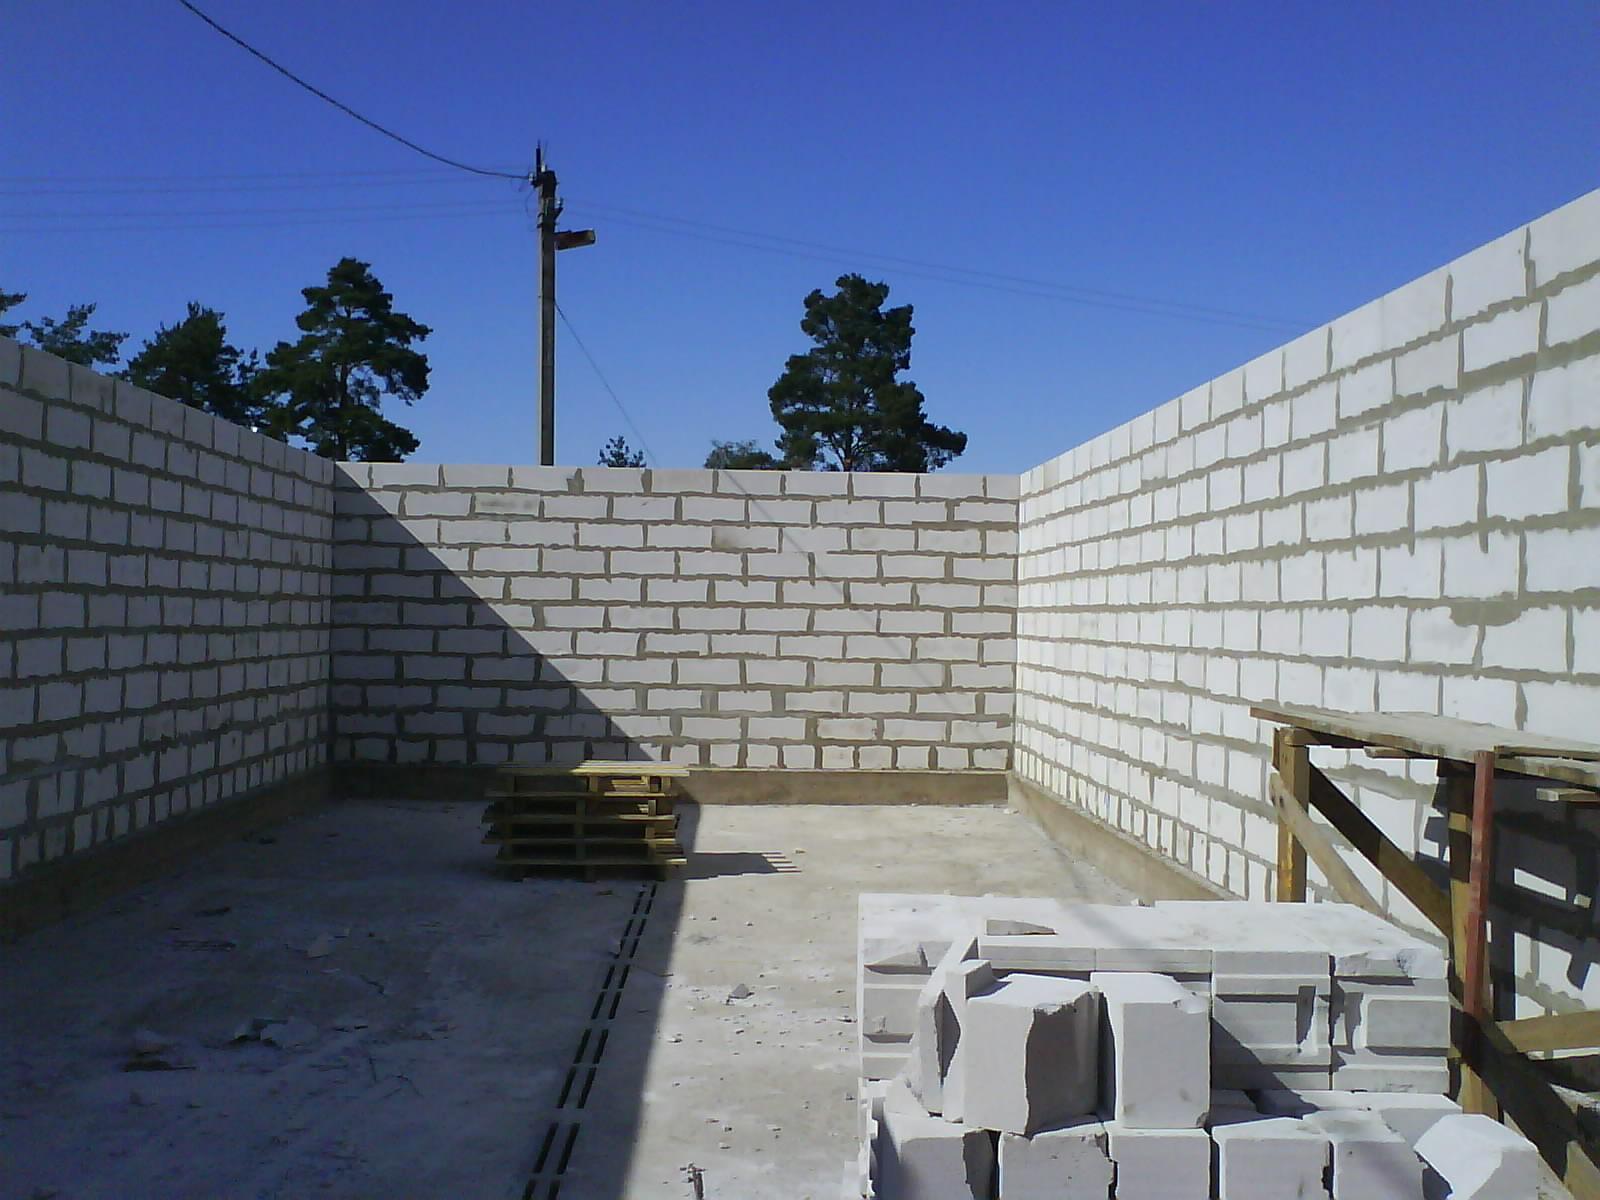 2800 мм) на (в зависимости от способа кладки и толщины стены): 1 вариант: высоту (300 мм) пеноблока 2 вариант